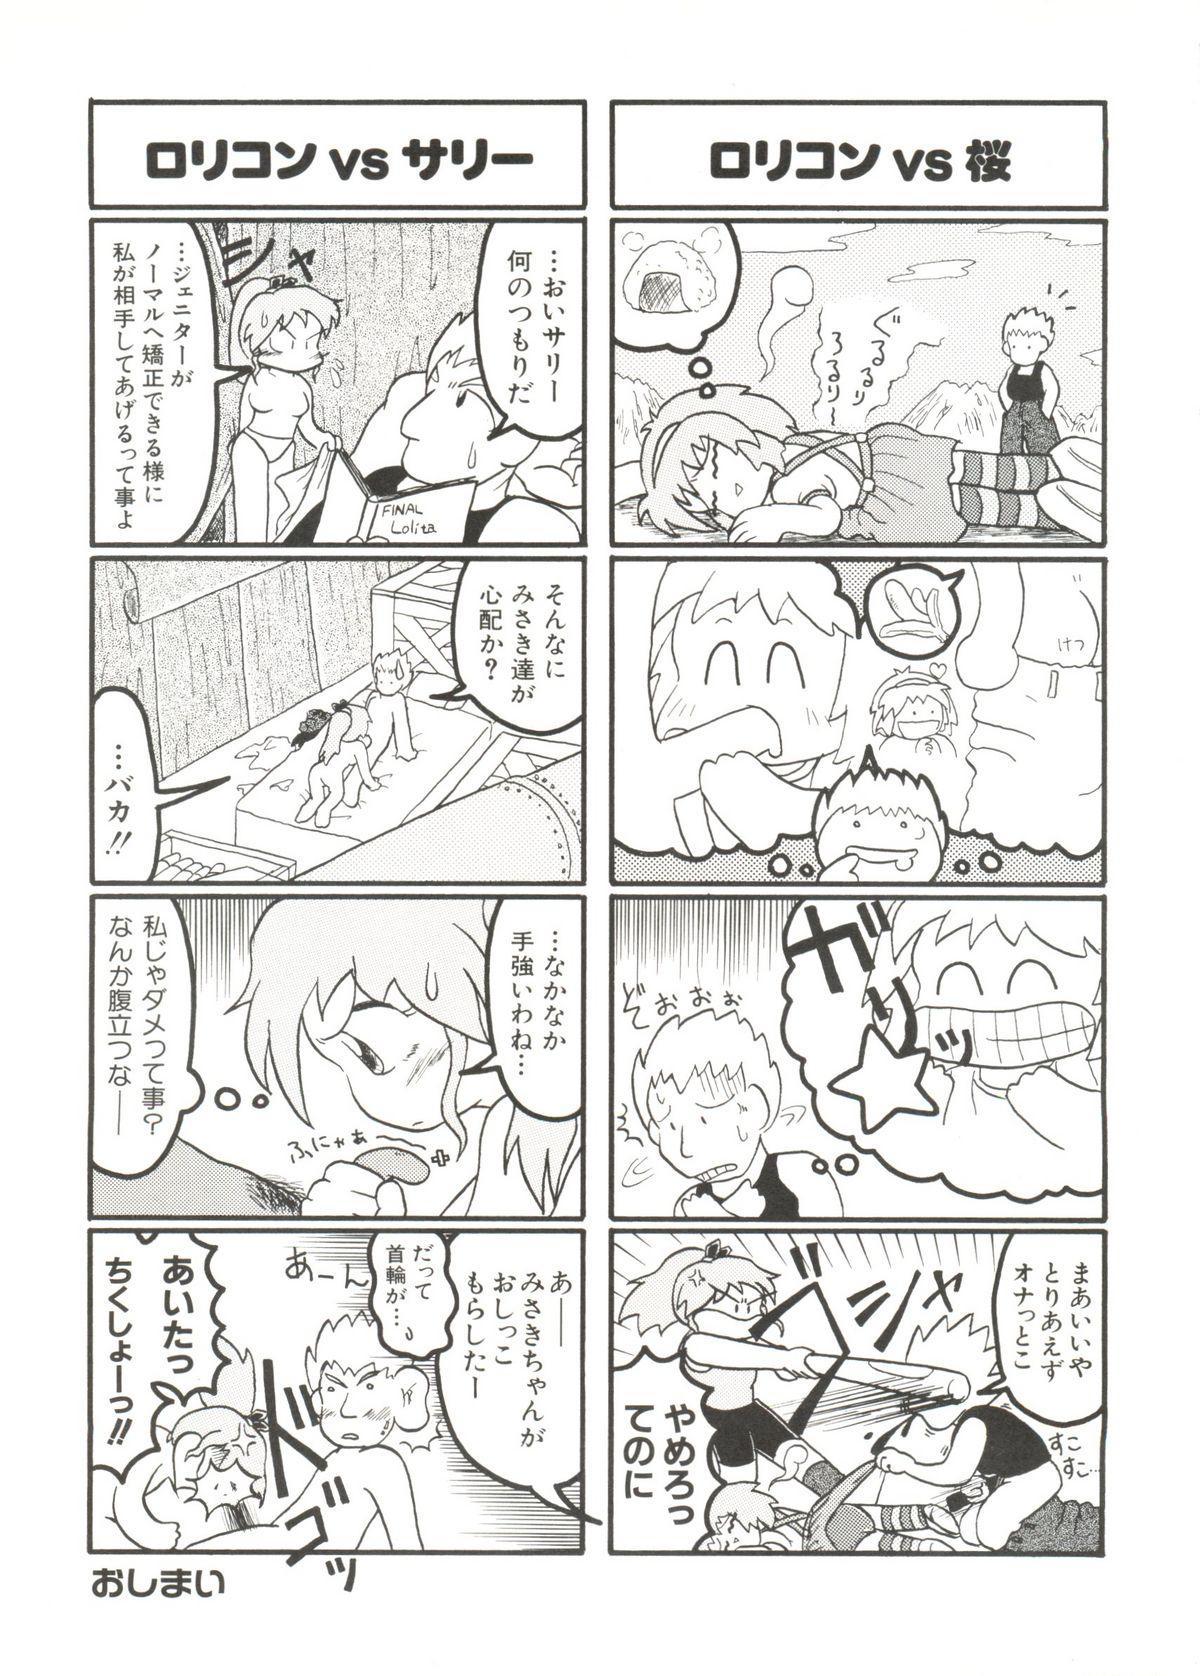 Denei Tamate Bako Bishoujo Doujinshi Anthology Vol. 2 - Nishinhou no Tenshi 84